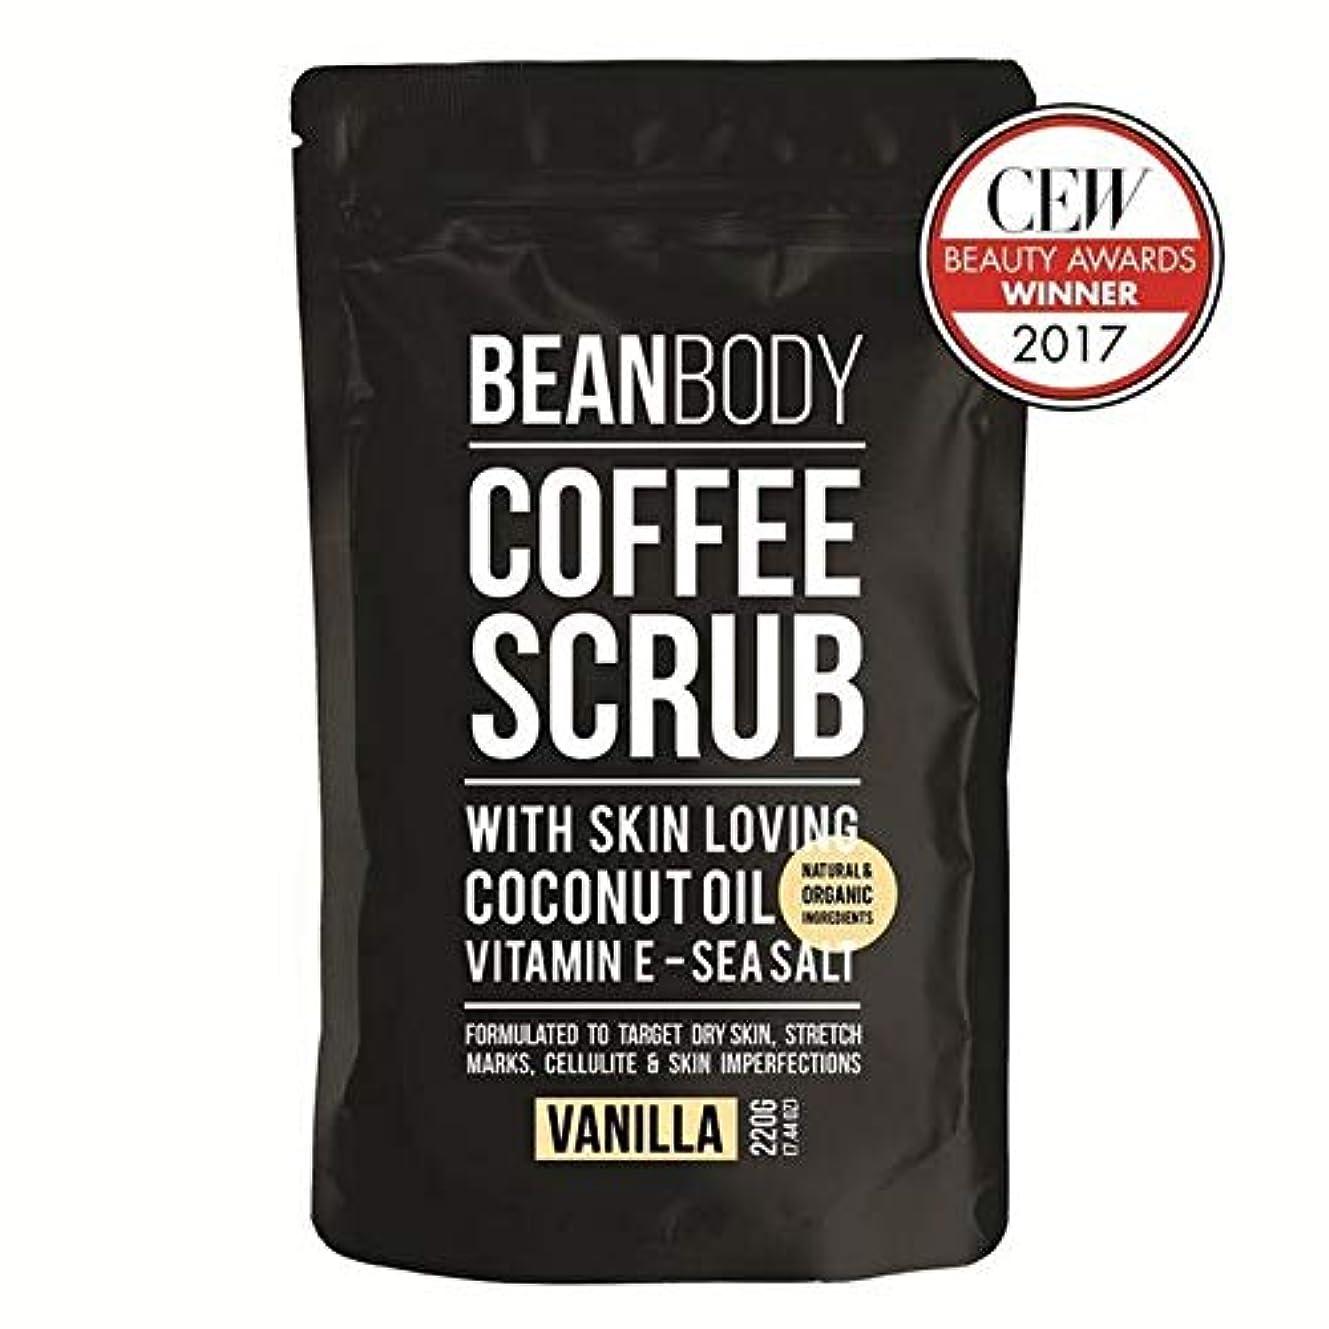 血統やめる表向き[Bean Body ] 豆のボディスクラブコーヒー、バニラ220グラム - Bean Body Coffee Scrub, Vanilla 220g [並行輸入品]